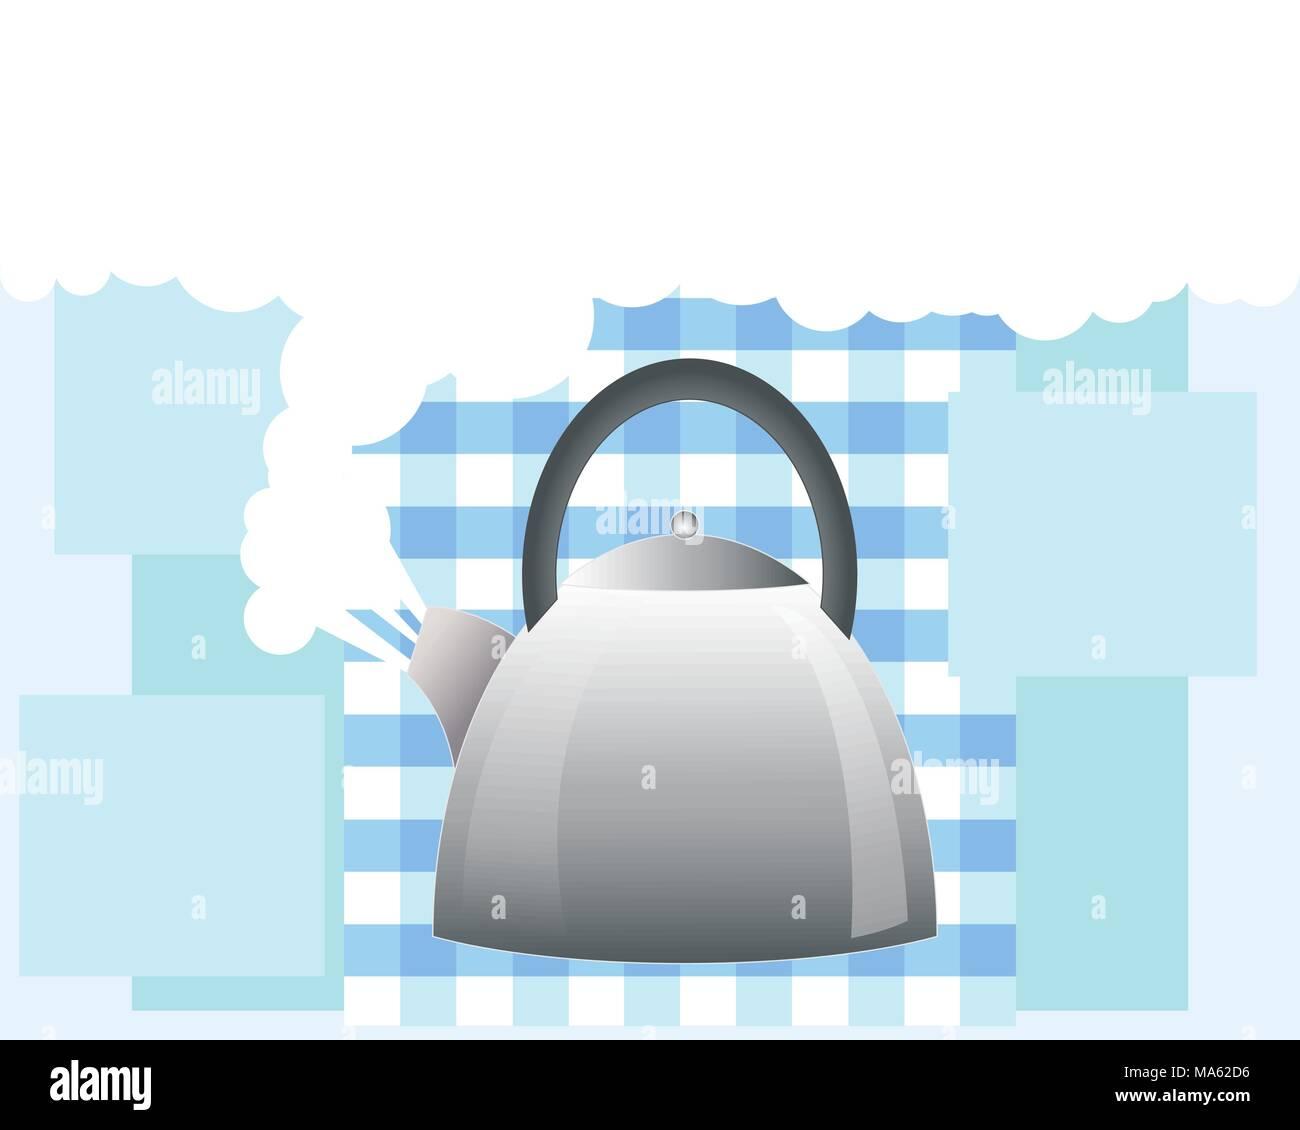 Una illustrazione vettoriale in formato eps formato 10 di un acciaio inossidabile bollitore ebollizione con vapore bianco su un gingham e blu sullo sfondo del blocco con spazio per il testo Immagini Stock